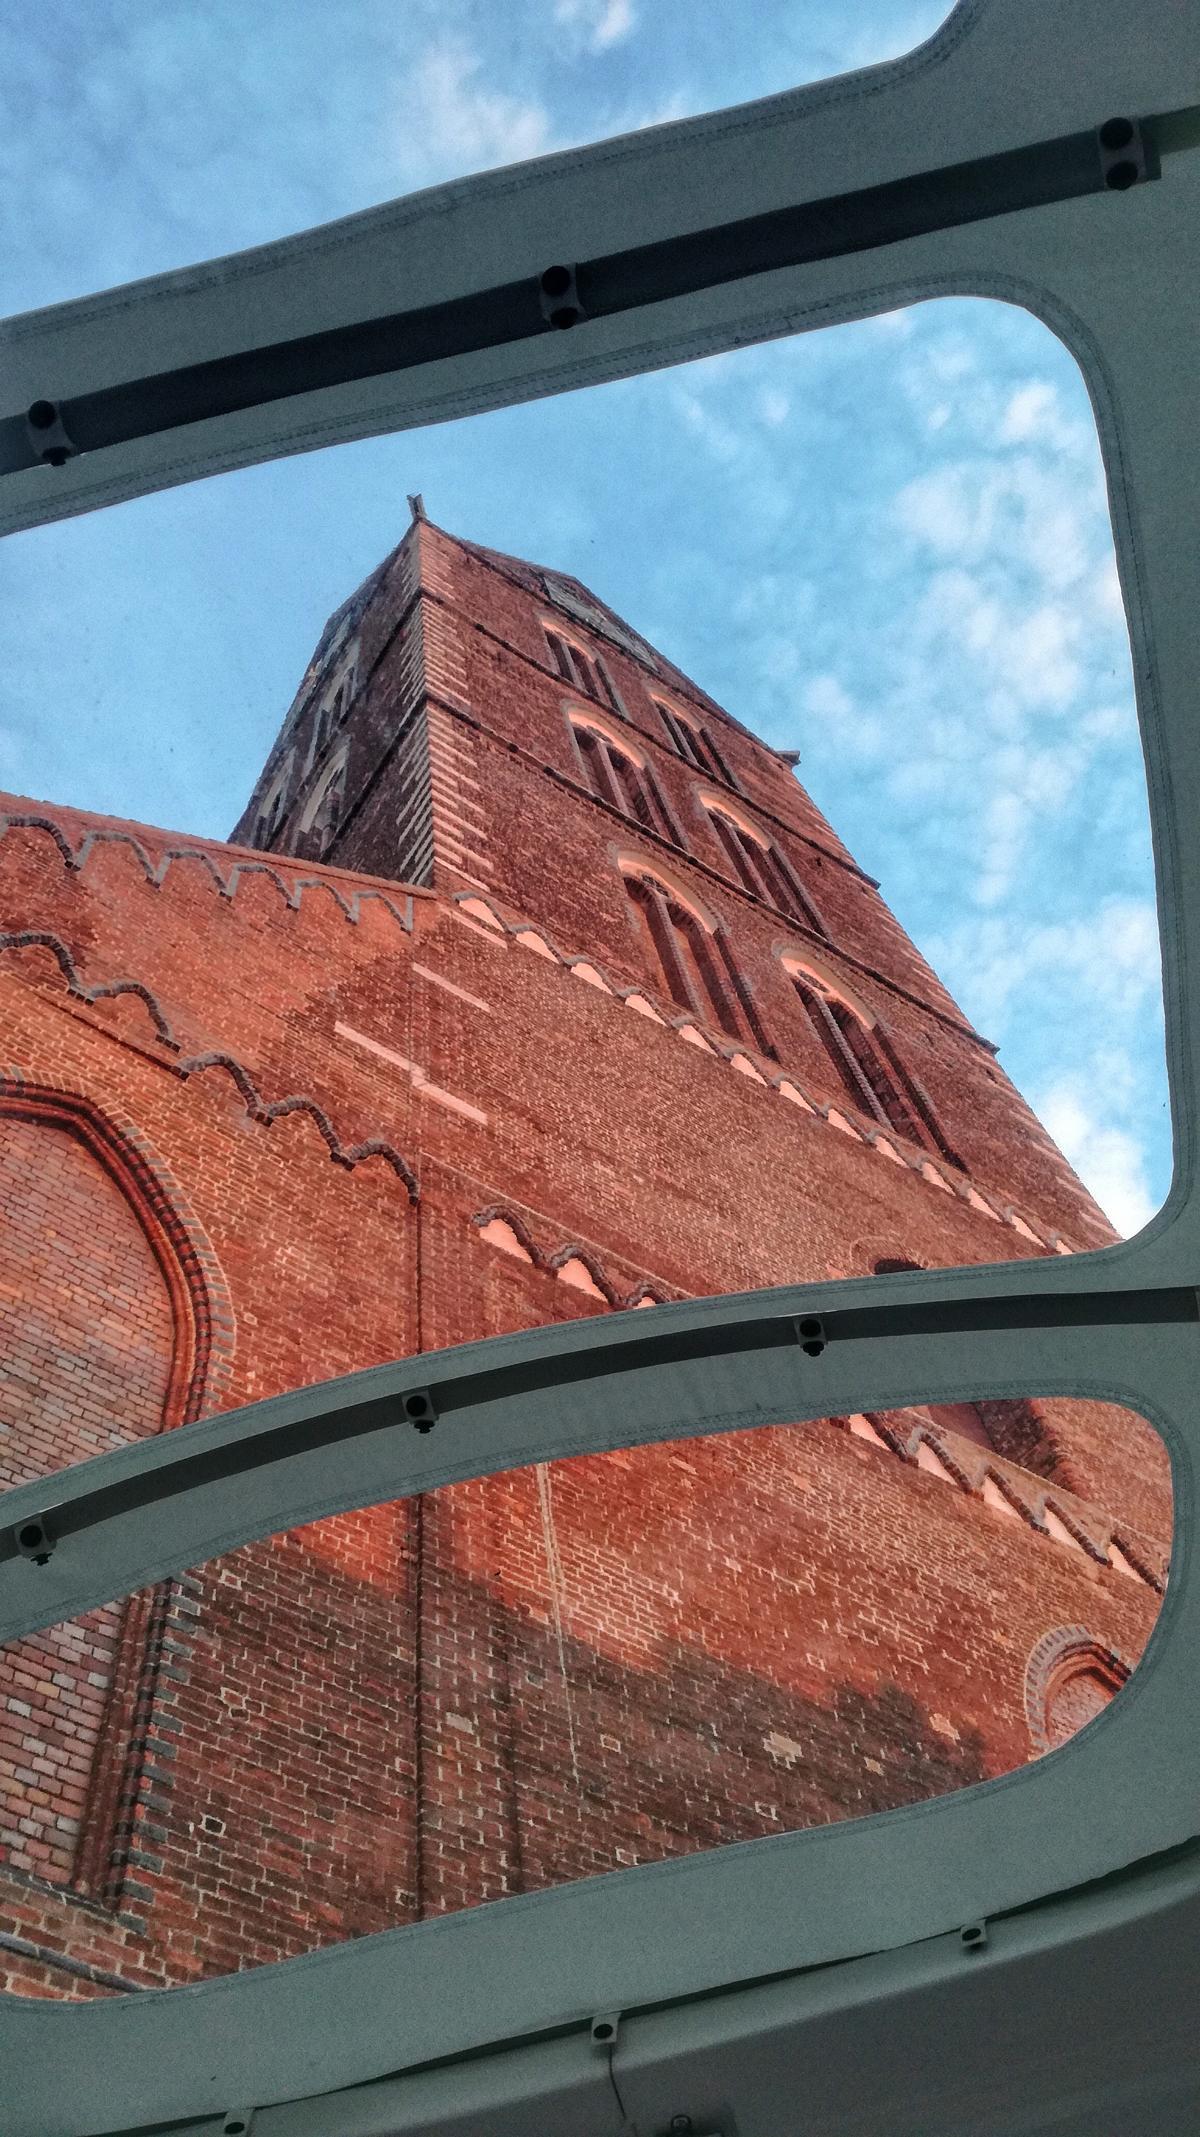 Sleeperoo in Wismar - Backsteingotik